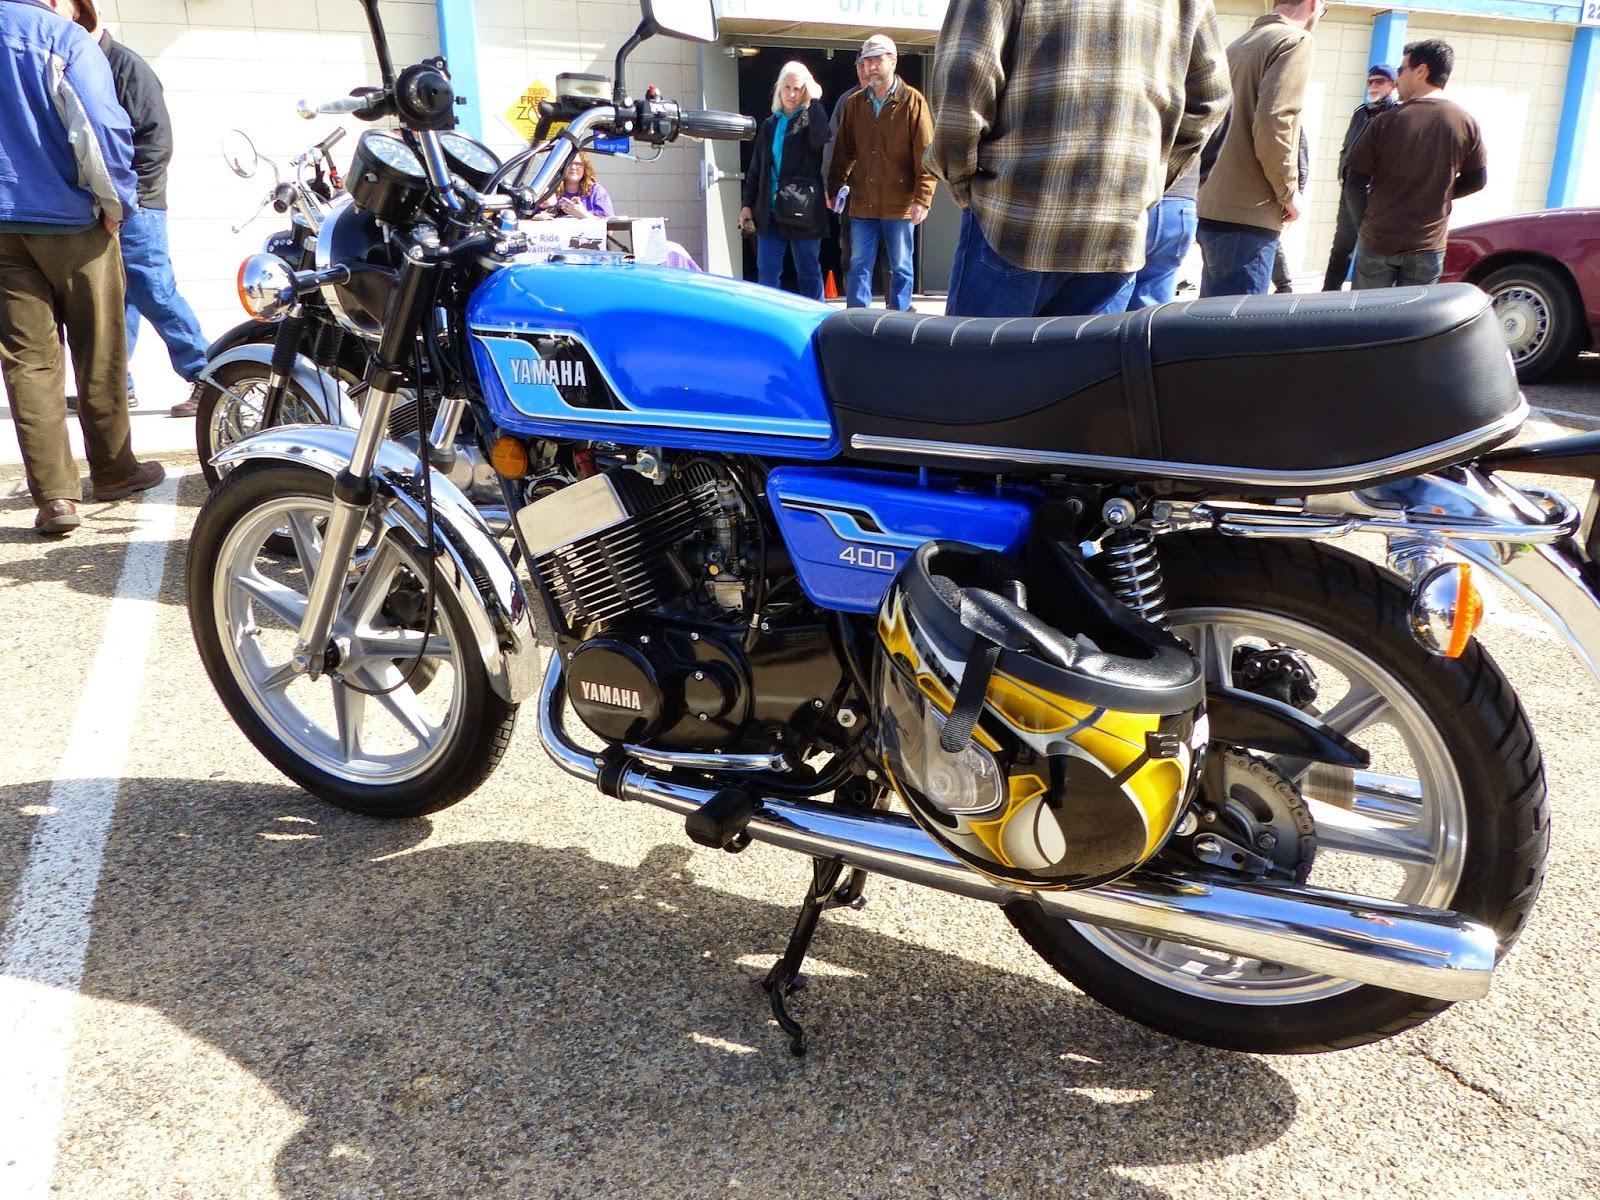 denver co motorcycle swap meet 2015